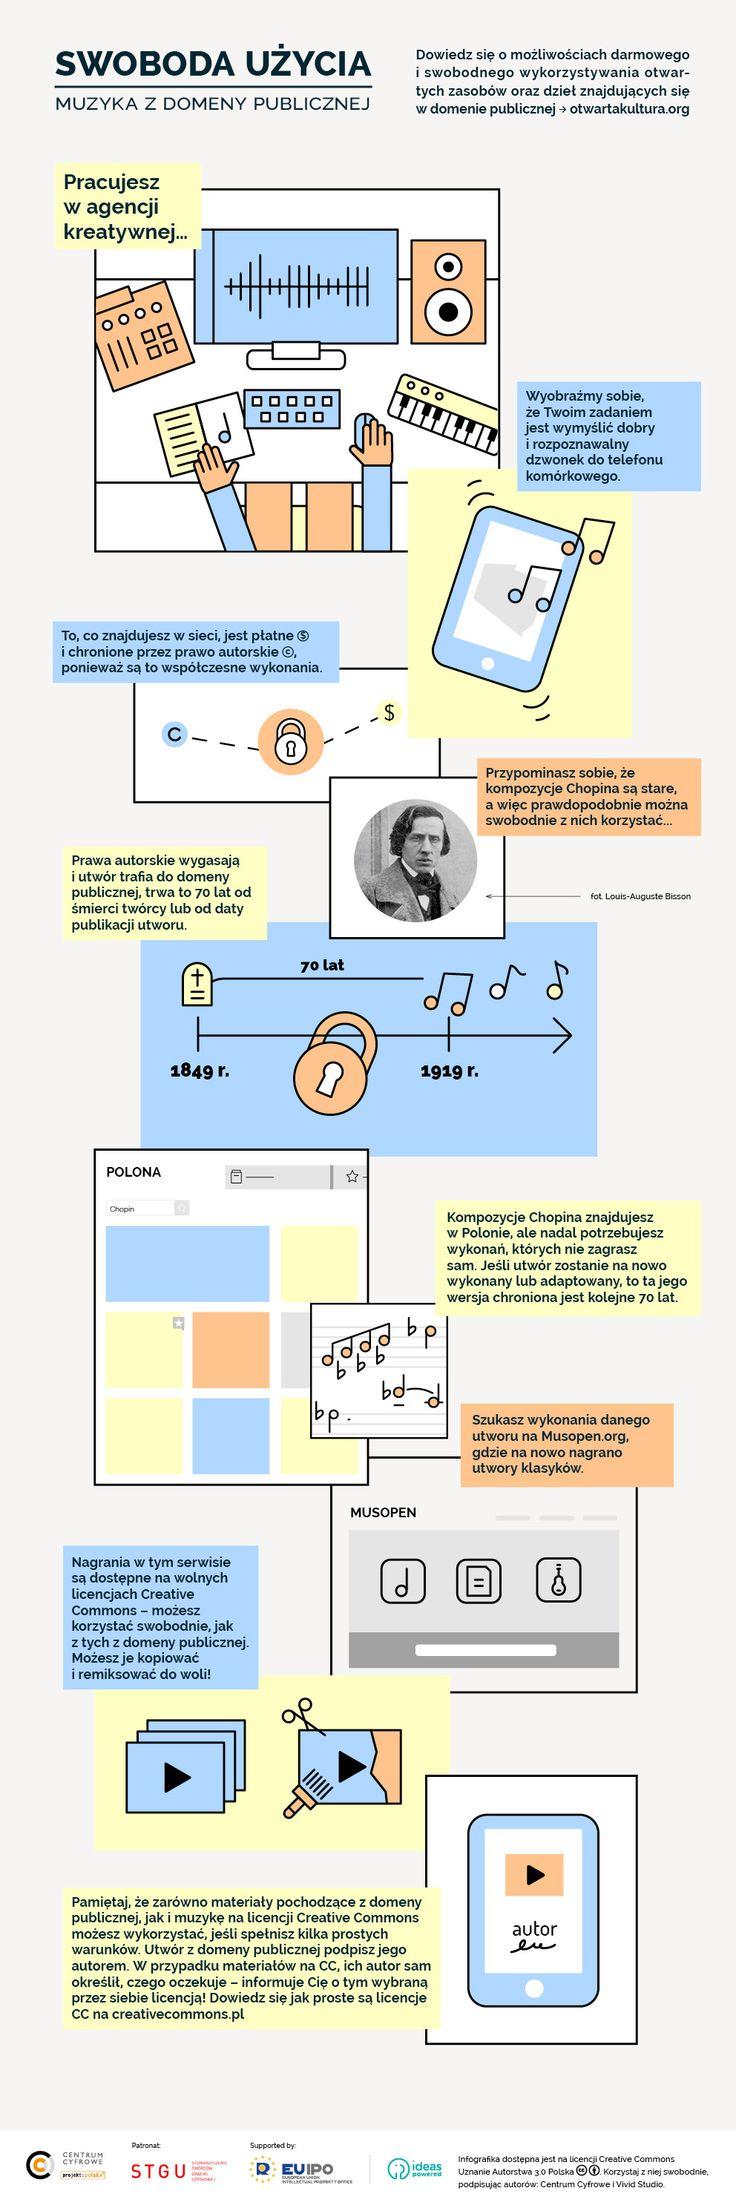 Darmowe grafiki - STGU - Stowarzyszenie Twórców Grafiki Użytkowej